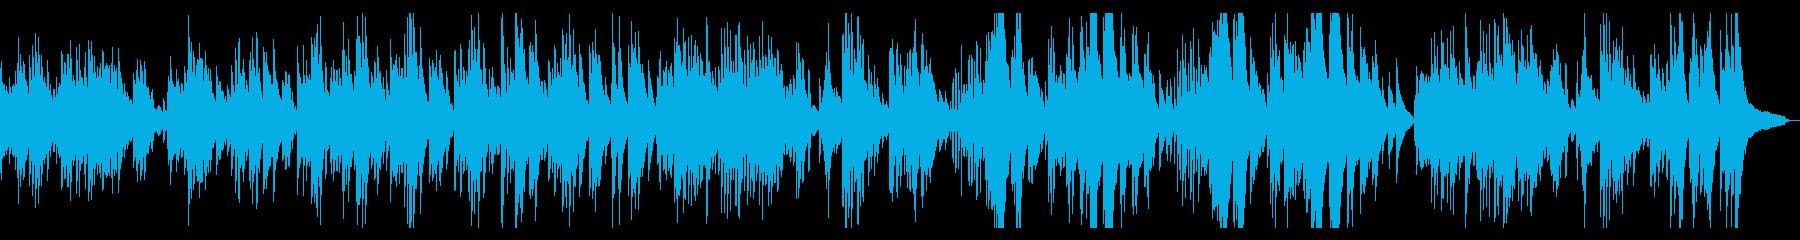 亡き王女のためのパヴァーヌ ピアノソロの再生済みの波形